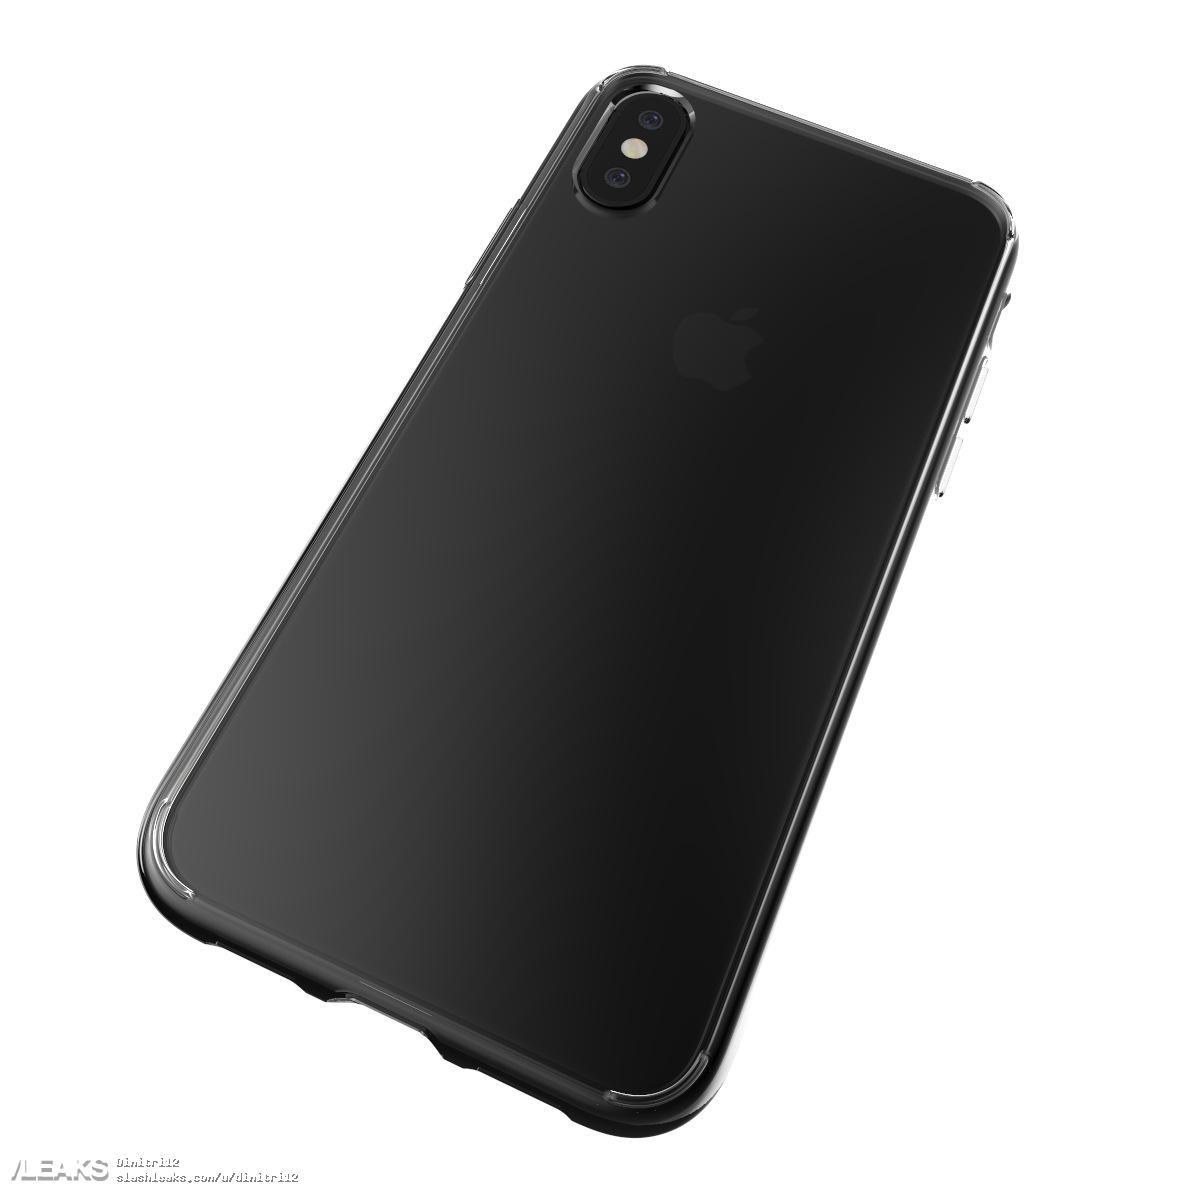 IPhone8 case leak 04